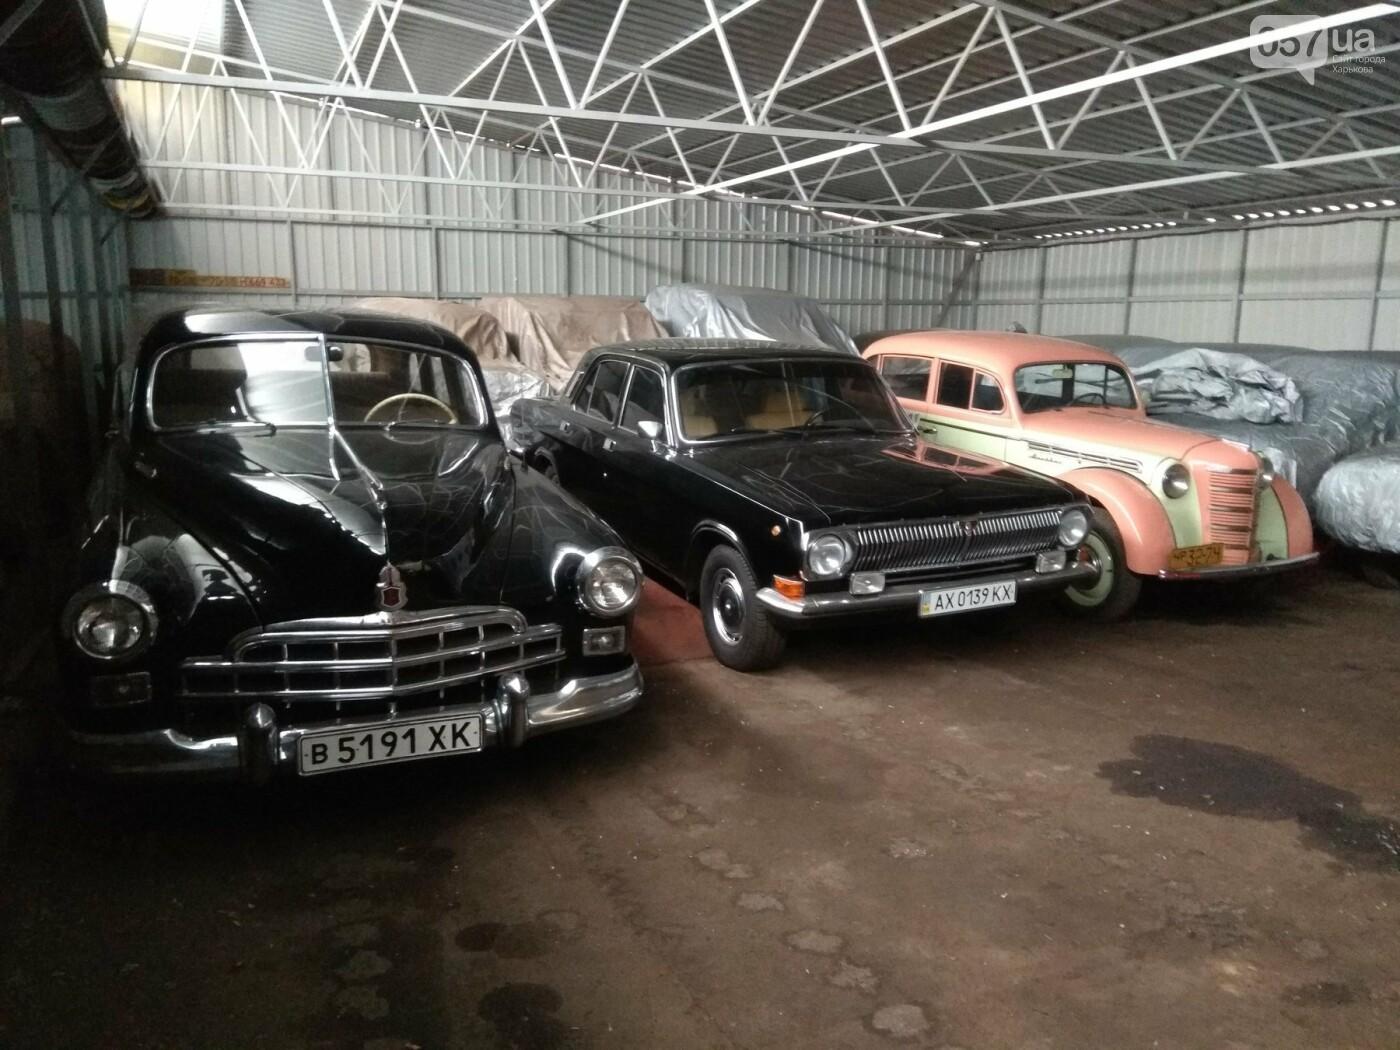 «Buick» Буденного и самодельные машины: как харьковчанин собрал коллекцию из 100 ретро-автомобилей, - ФОТО, фото-4